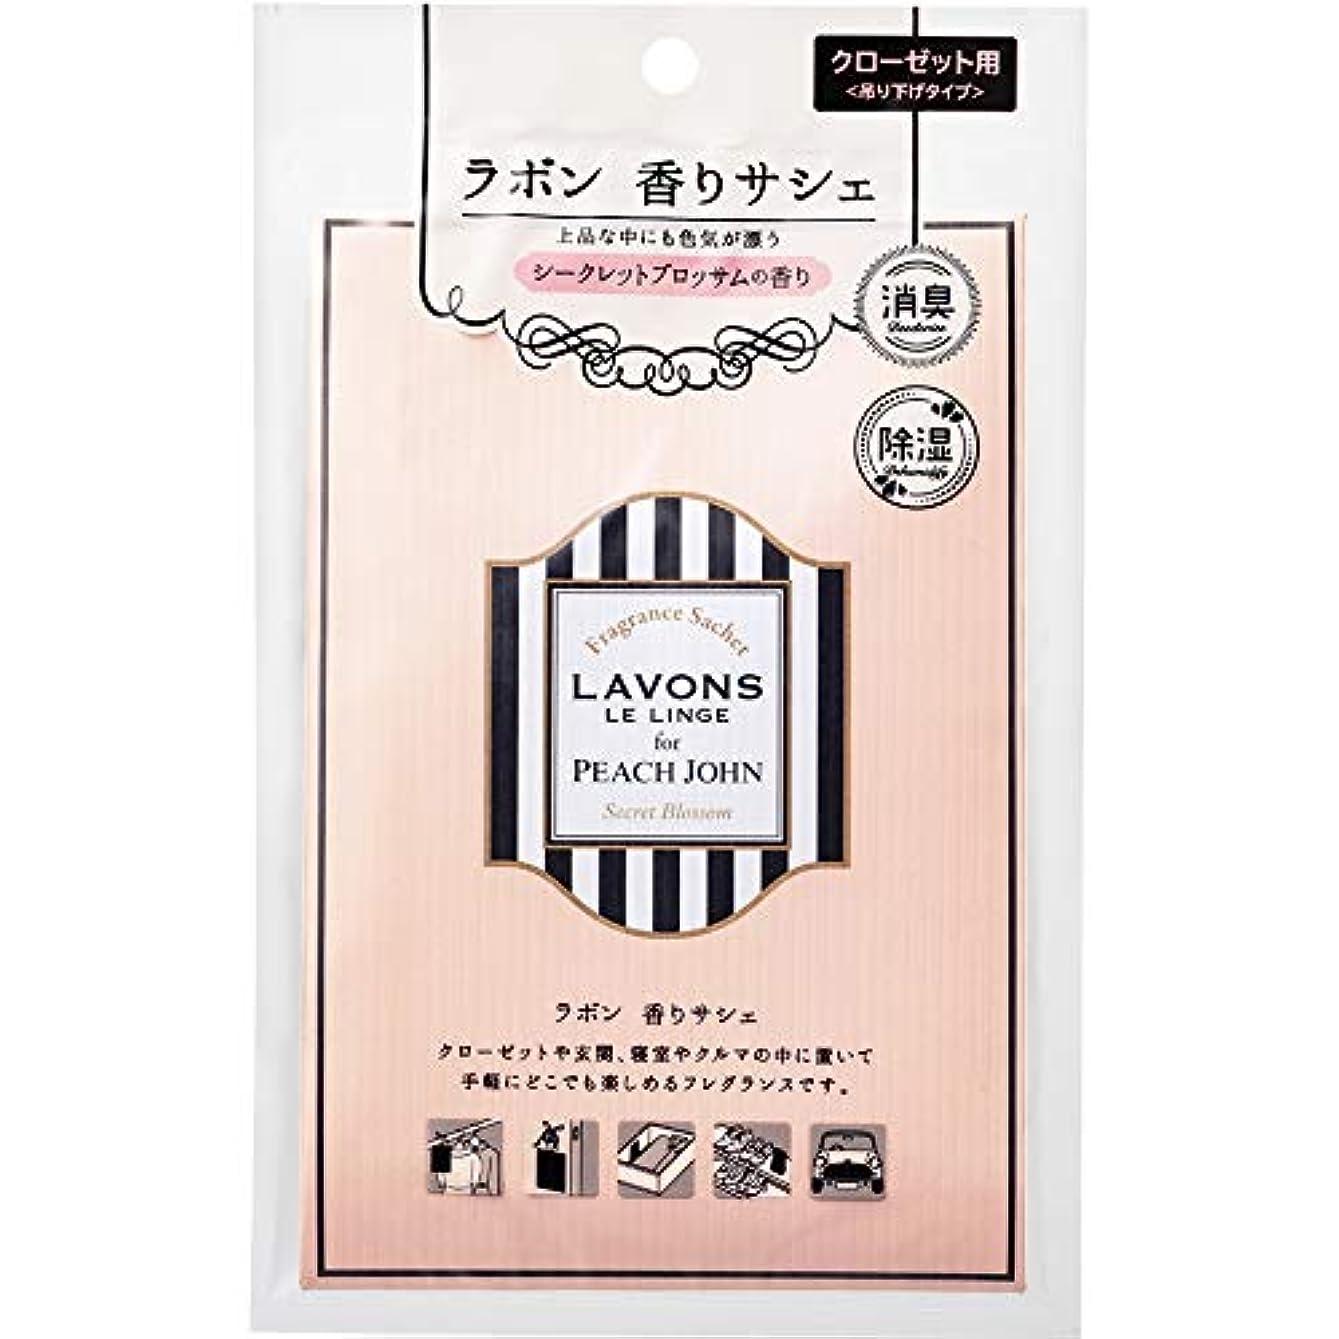 引き金釈義区別するラボン for PEACH JOHN 香りサシェ (香り袋) シークレットブロッサムの香り 20g